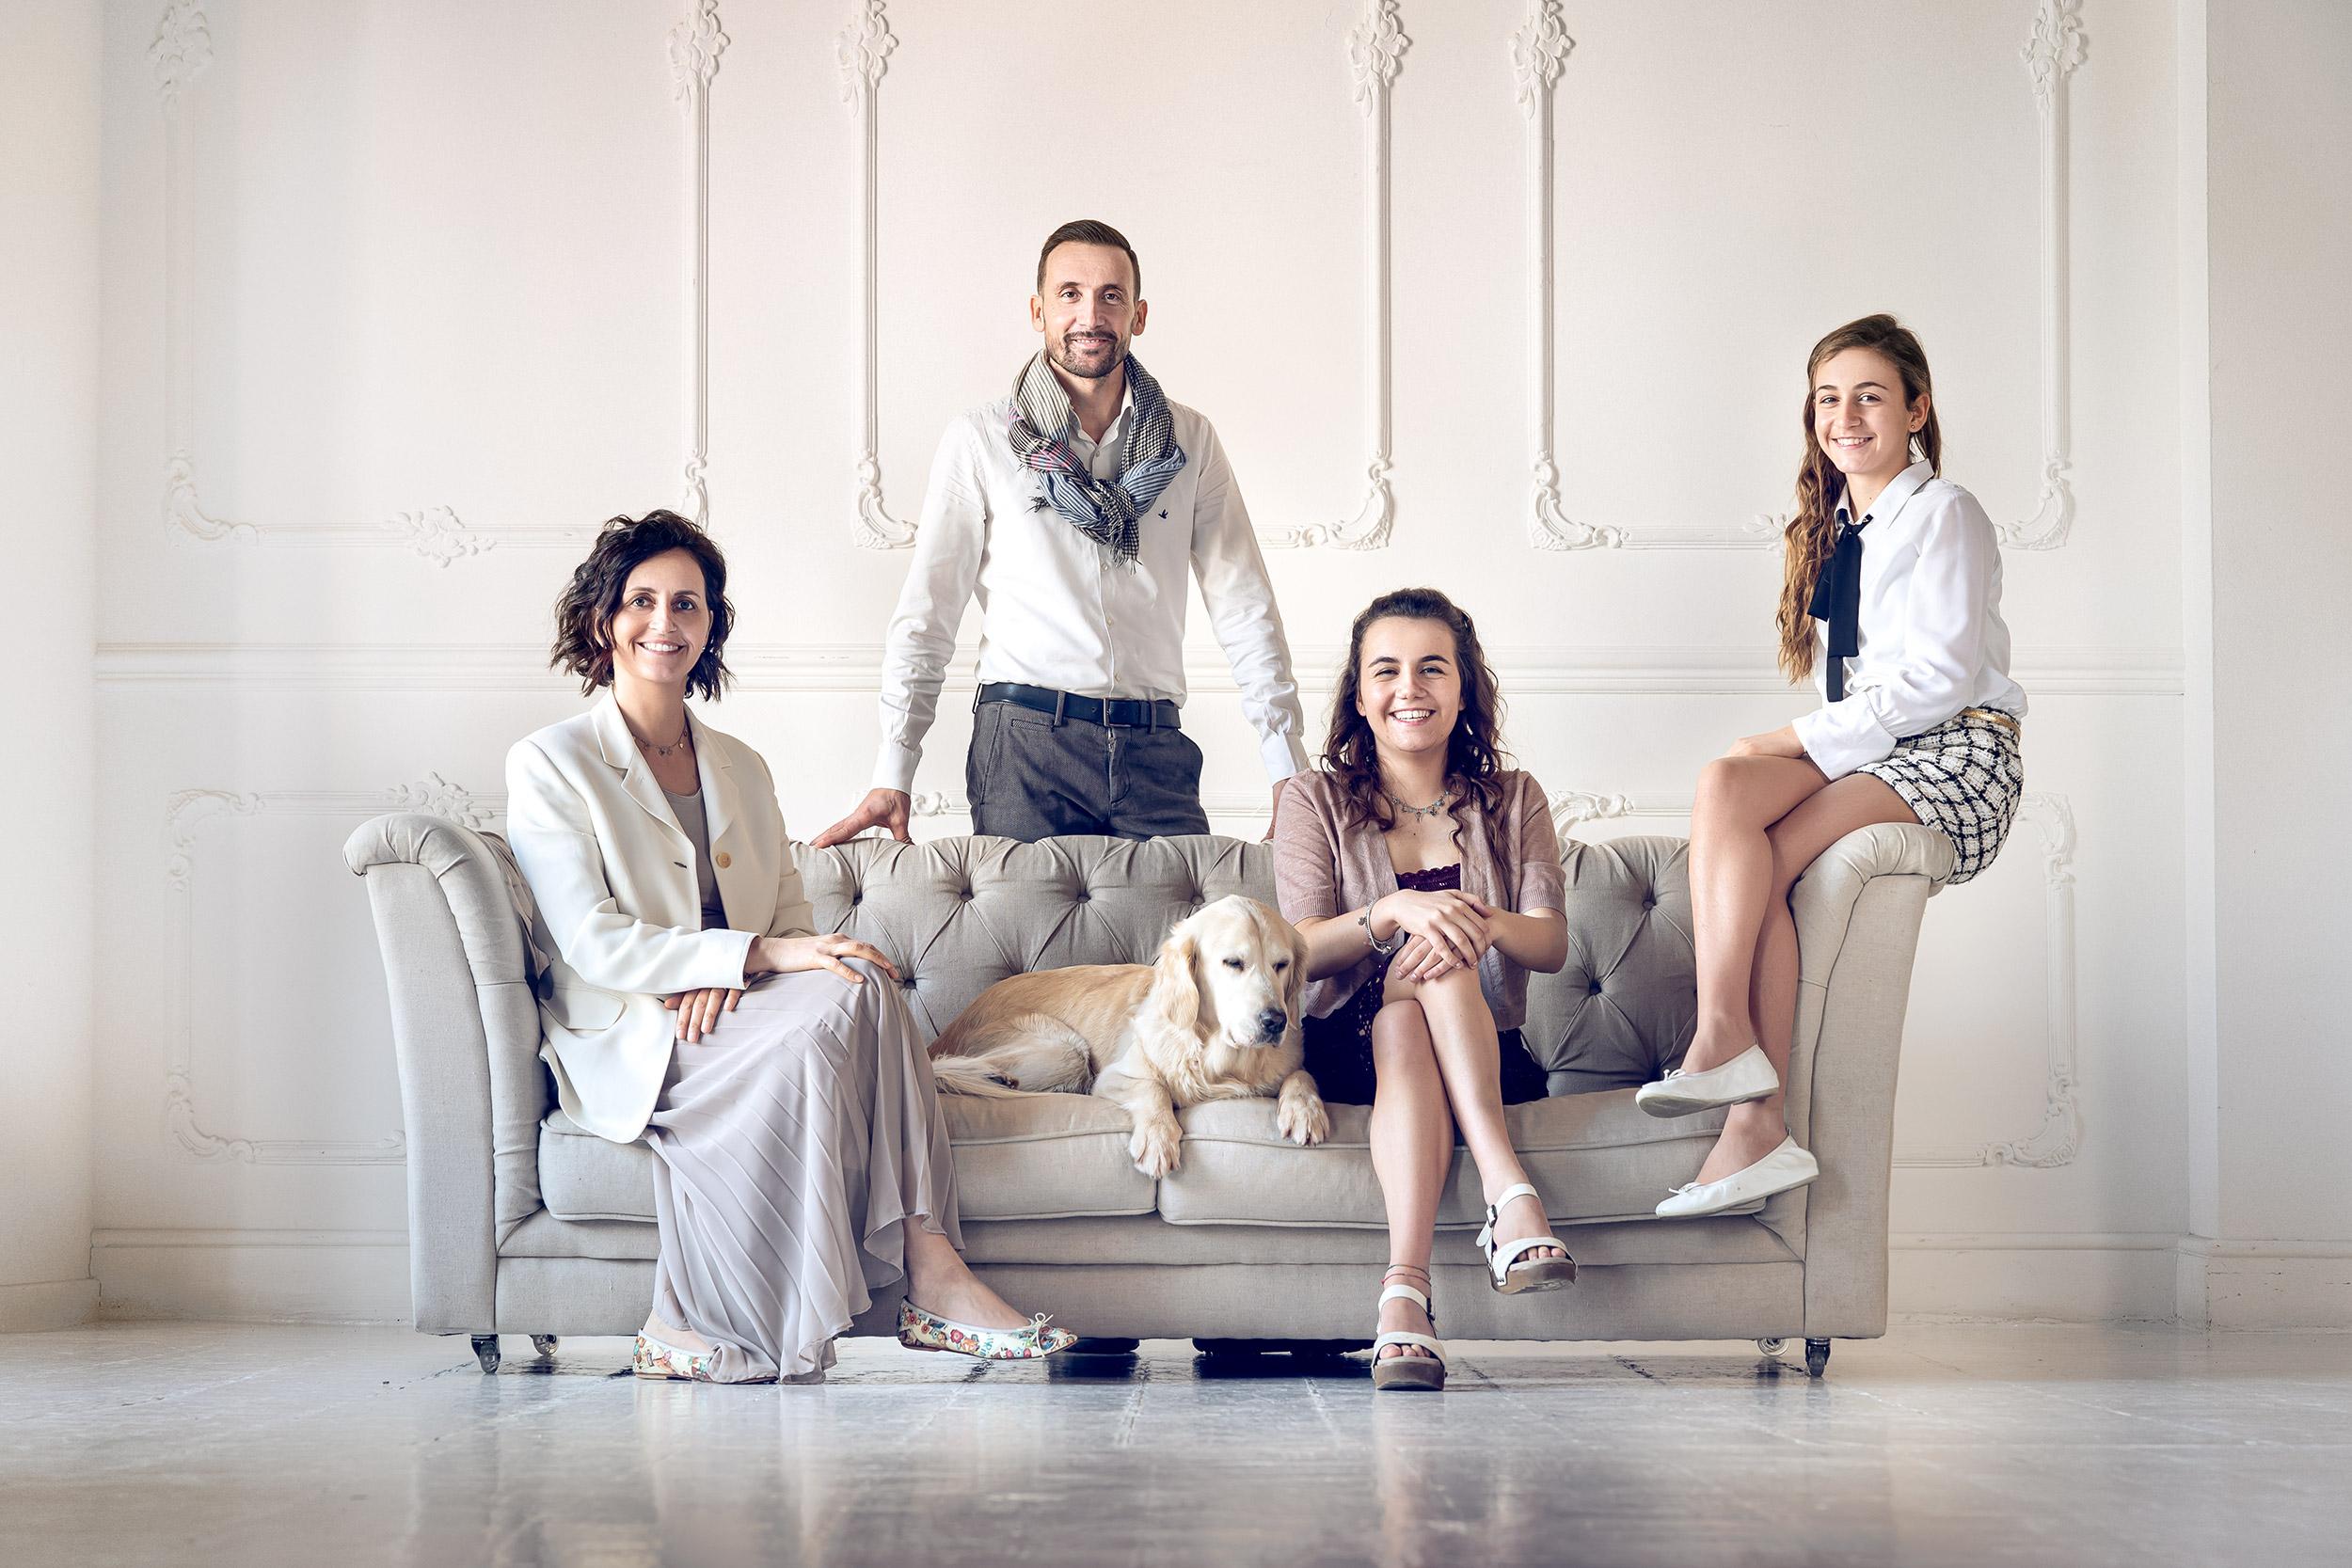 fotografi lecco ritratti studio family